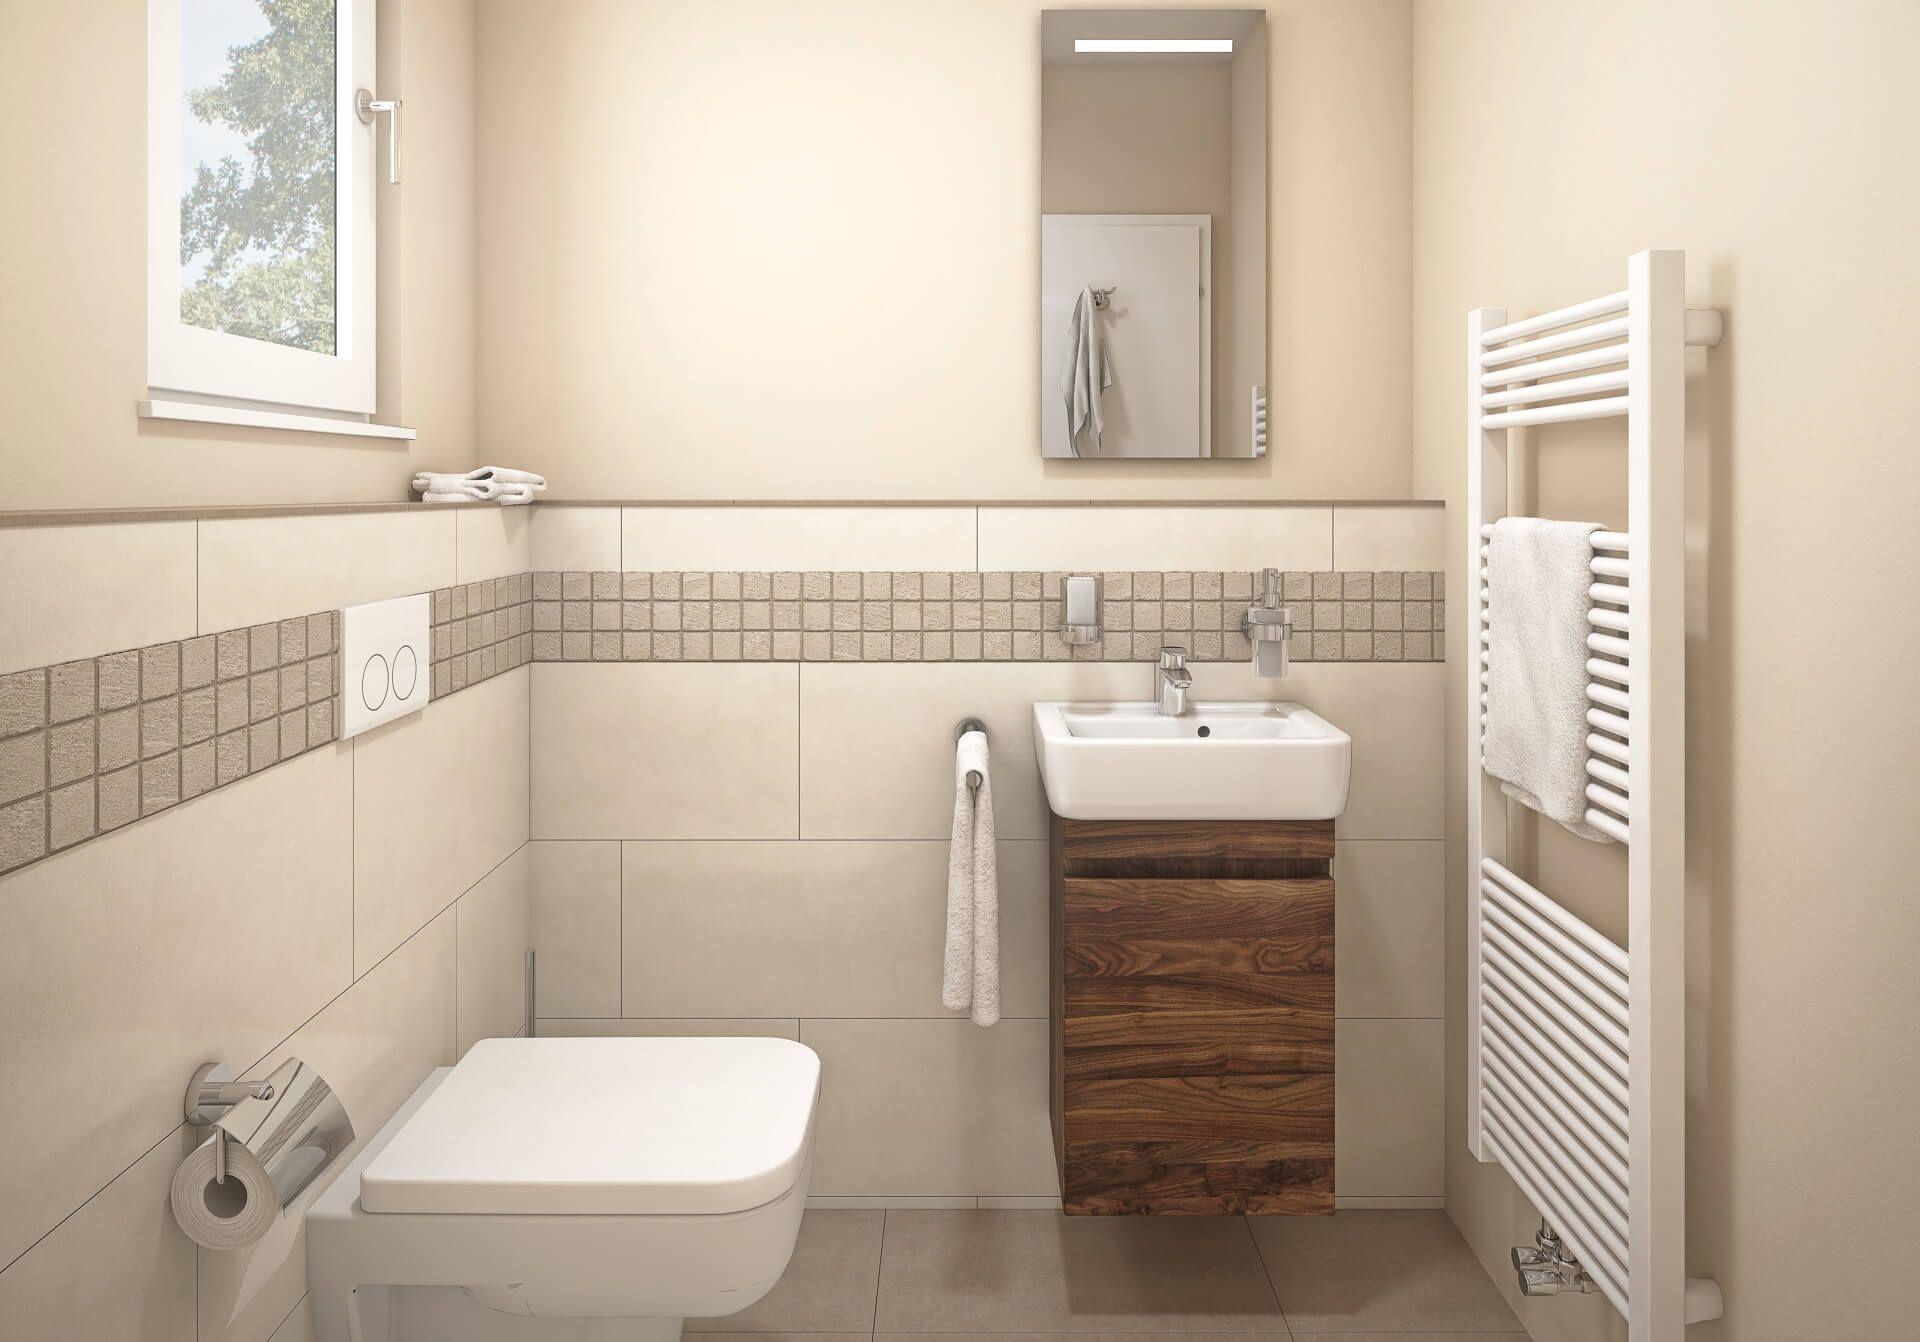 Badplaner Jetzt Badezimmer Planen Mit Obi In 2020 Badezimmer Planen Badezimmer Gaste Wc